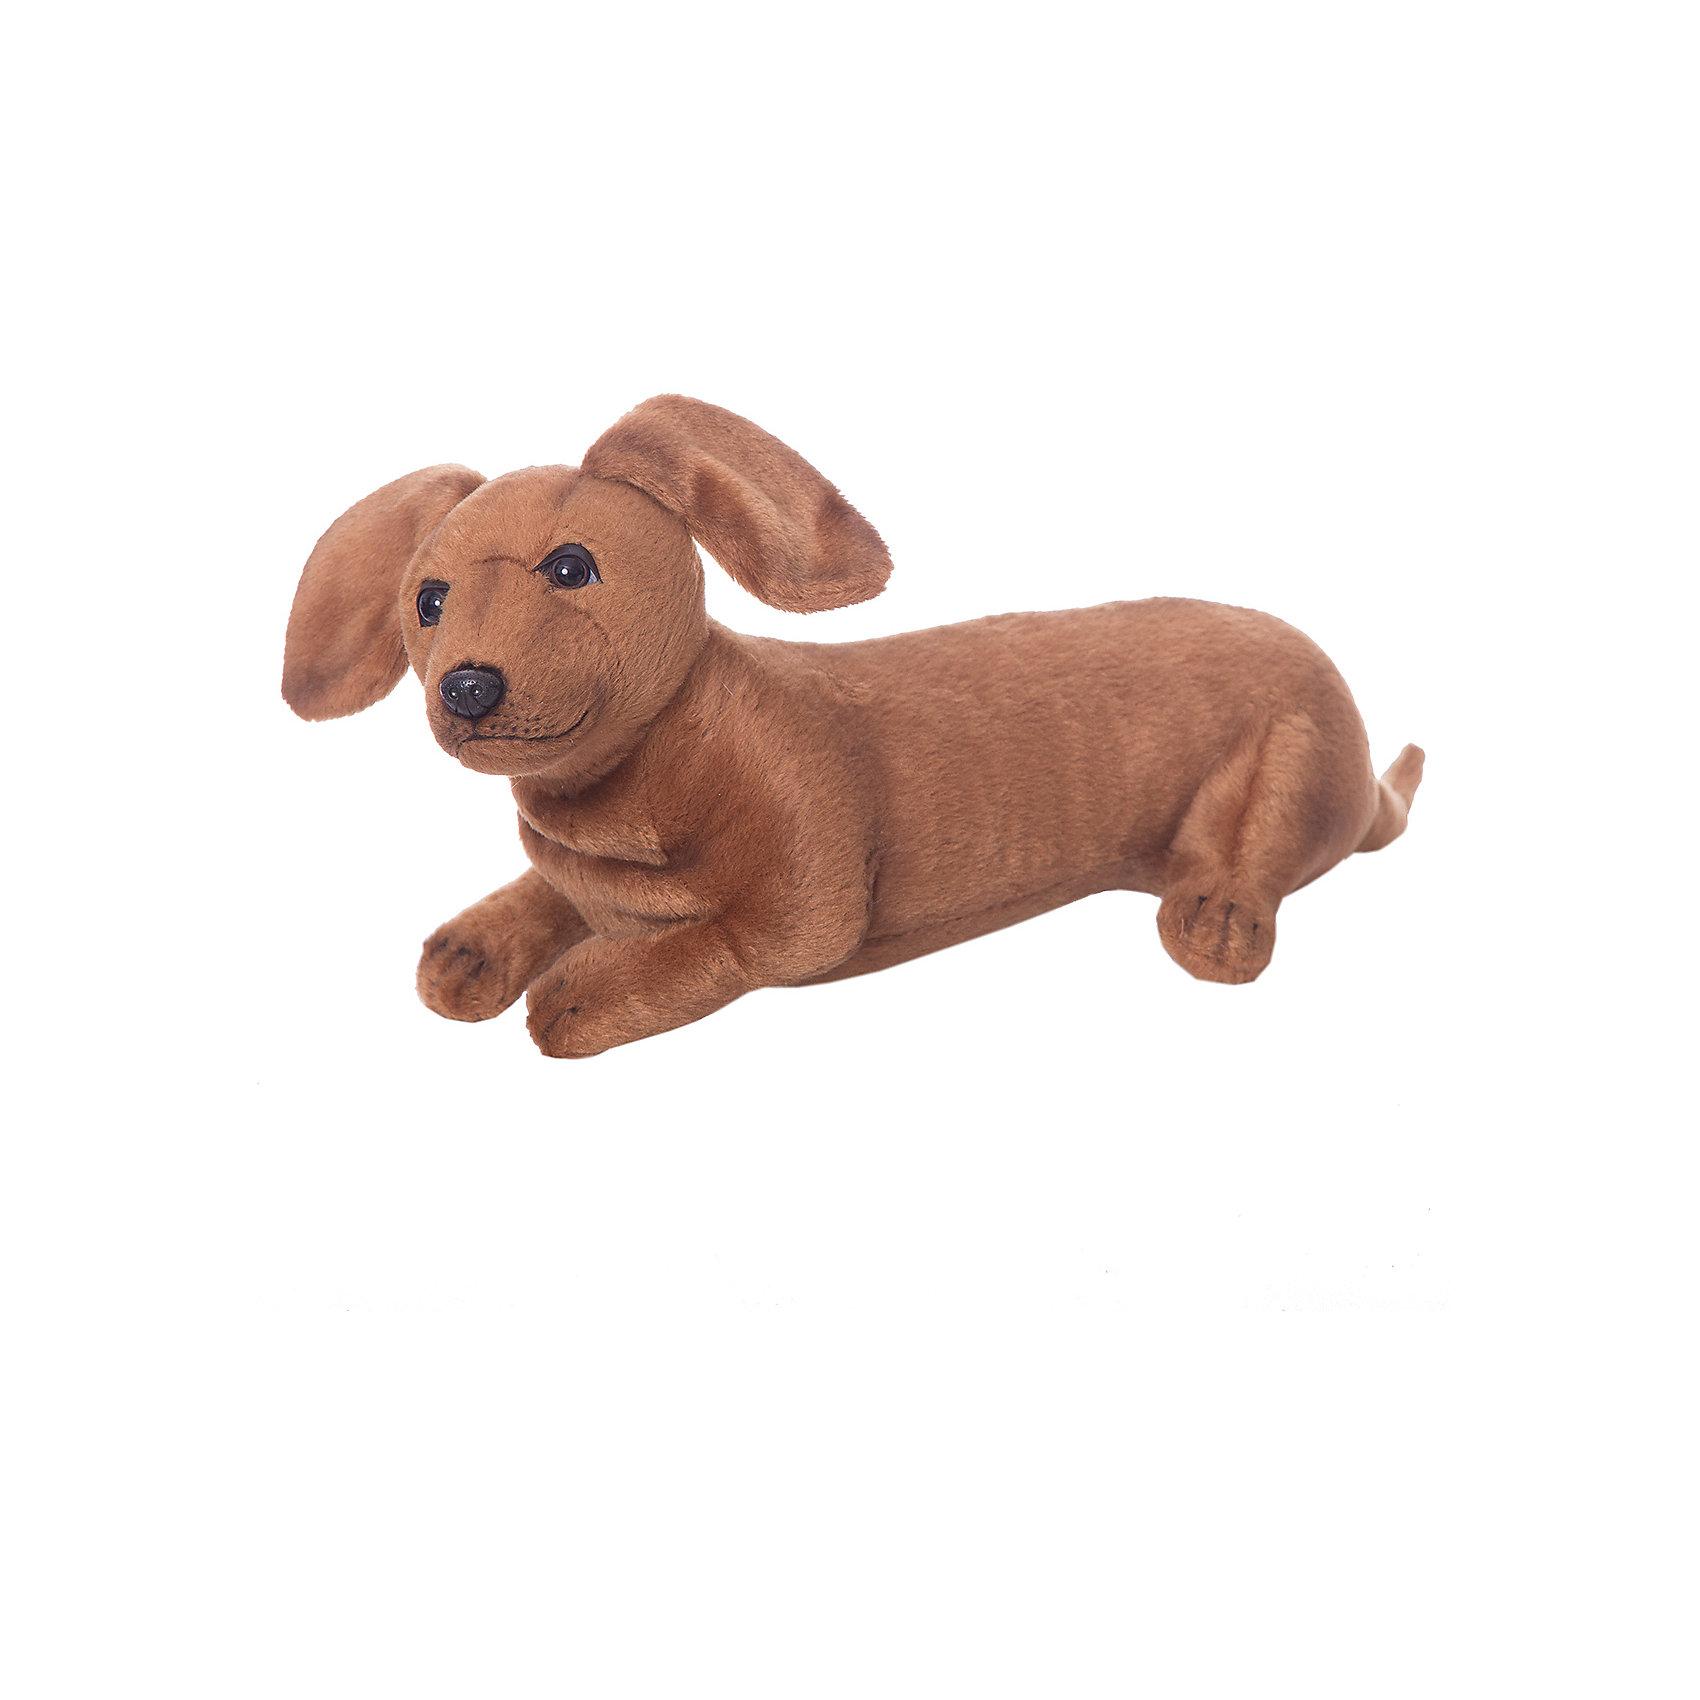 Щенок таксы, 40 смЩенок таксы, 40 см – игрушка от знаменитого бренда Hansa, специализирующегося на выпуске мягких игрушек с высокой степенью натуралистичности. Внешний вид игрушечного щенка полностью соответствует своему реальному прототипу – собаке породы Такса. Он выполнен из искусственного меха темно-коричневого цвета с коротким ворсом. Использованные материалы обладают гипоаллергенными свойствами. Внутри игрушки имеется металлический каркас, позволяющий изменять положение. <br>Игрушка относится к серии Домашние животные. <br>Мягкие игрушки от Hansa подходят для сюжетно-ролевых игр, для обучающих игр, направленных на знакомство с миром живой природы. Кроме того, их можно использовать в качестве интерьерных игрушек. Представленные у торгового бренда разнообразие игрушечных собак позволяет собрать свою коллекцию пород, которая будет радовать вашего ребенка долгое время, так как ручная работа и качественные материалы гарантируют их долговечность и прочность.<br><br>Дополнительная информация:<br><br>- Вид игр: сюжетно-ролевые игры, коллекционирование, интерьерные игрушки<br>- Предназначение: для дома, для детских развивающих центров, для детских садов<br>- Материал: искусственный мех, наполнитель ? полиэфирное волокно<br>- Размер (ДхШхВ): 40*13*16 см<br>- Вес: 320 г<br>- Особенности ухода: сухая чистка при помощи пылесоса или щетки для одежды<br><br>Подробнее:<br><br>• Для детей в возрасте: от 3 лет <br>• Страна производитель: Филиппины<br>• Торговый бренд: Hansa<br><br>Щенка таксы, 40 см можно купить в нашем интернет-магазине.<br><br>Ширина мм: 40<br>Глубина мм: 13<br>Высота мм: 16<br>Вес г: 320<br>Возраст от месяцев: 36<br>Возраст до месяцев: 2147483647<br>Пол: Унисекс<br>Возраст: Детский<br>SKU: 4927175